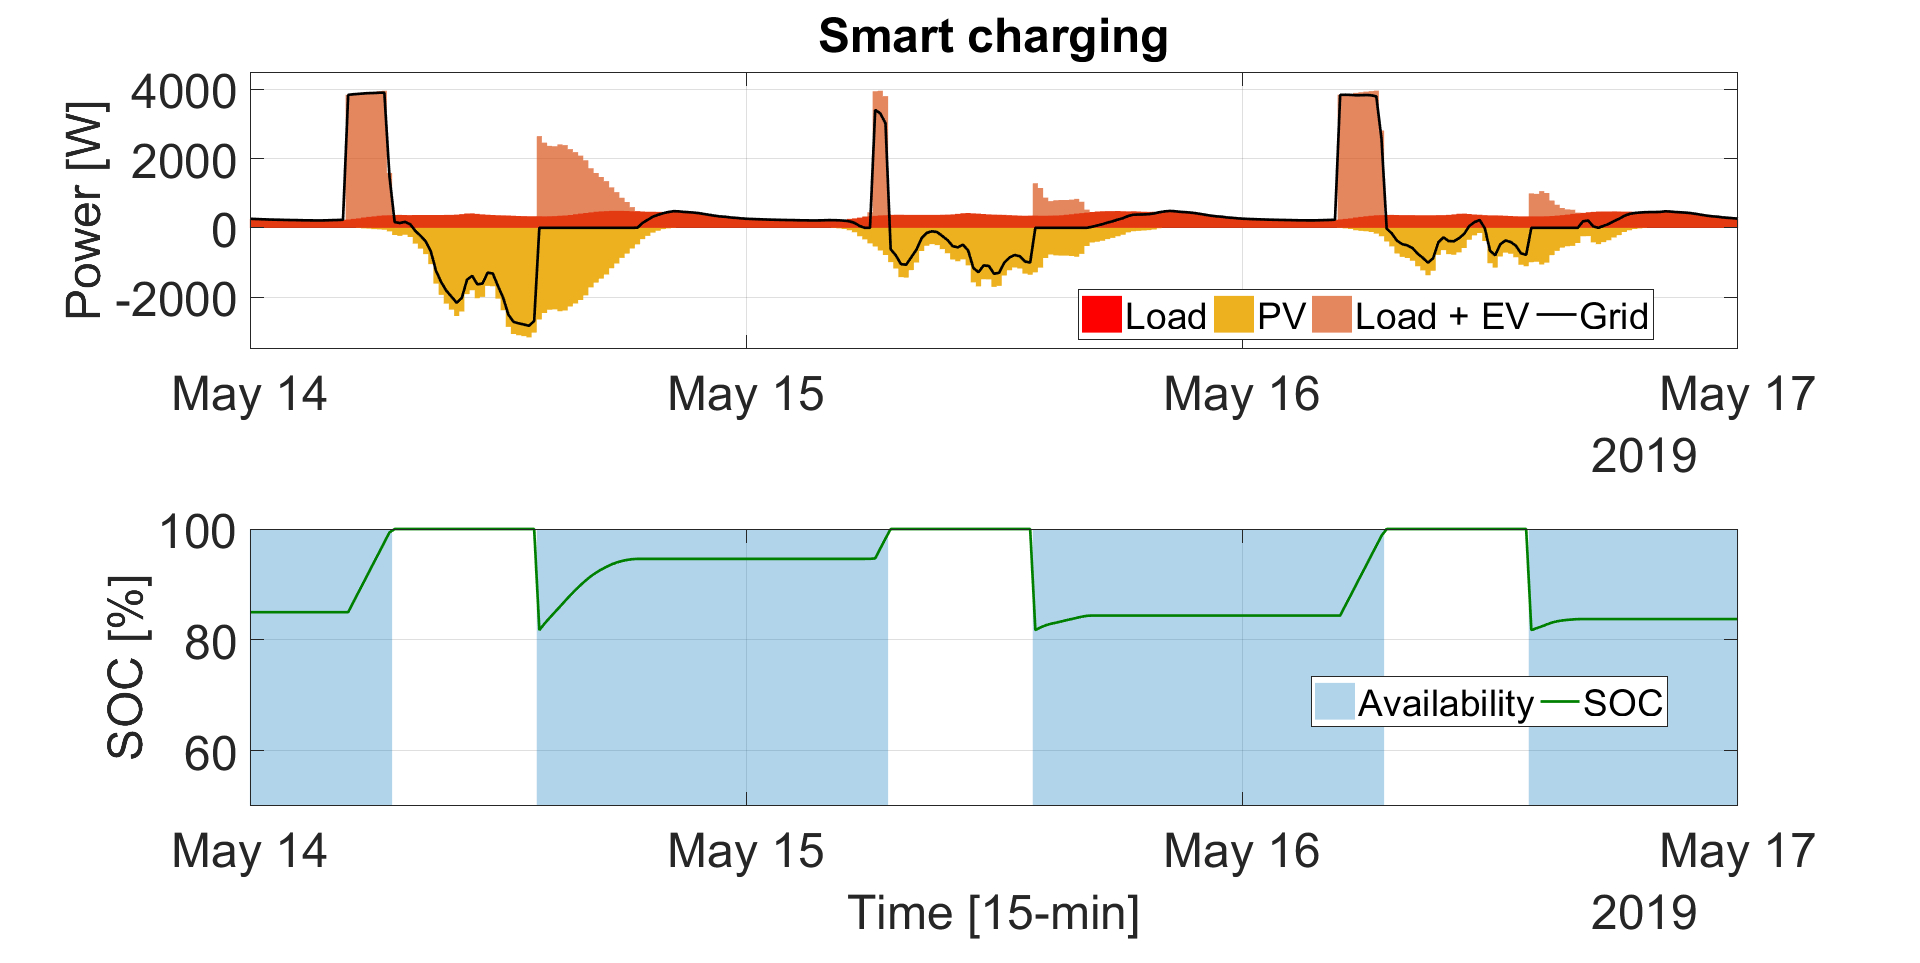 SmartCharging.png